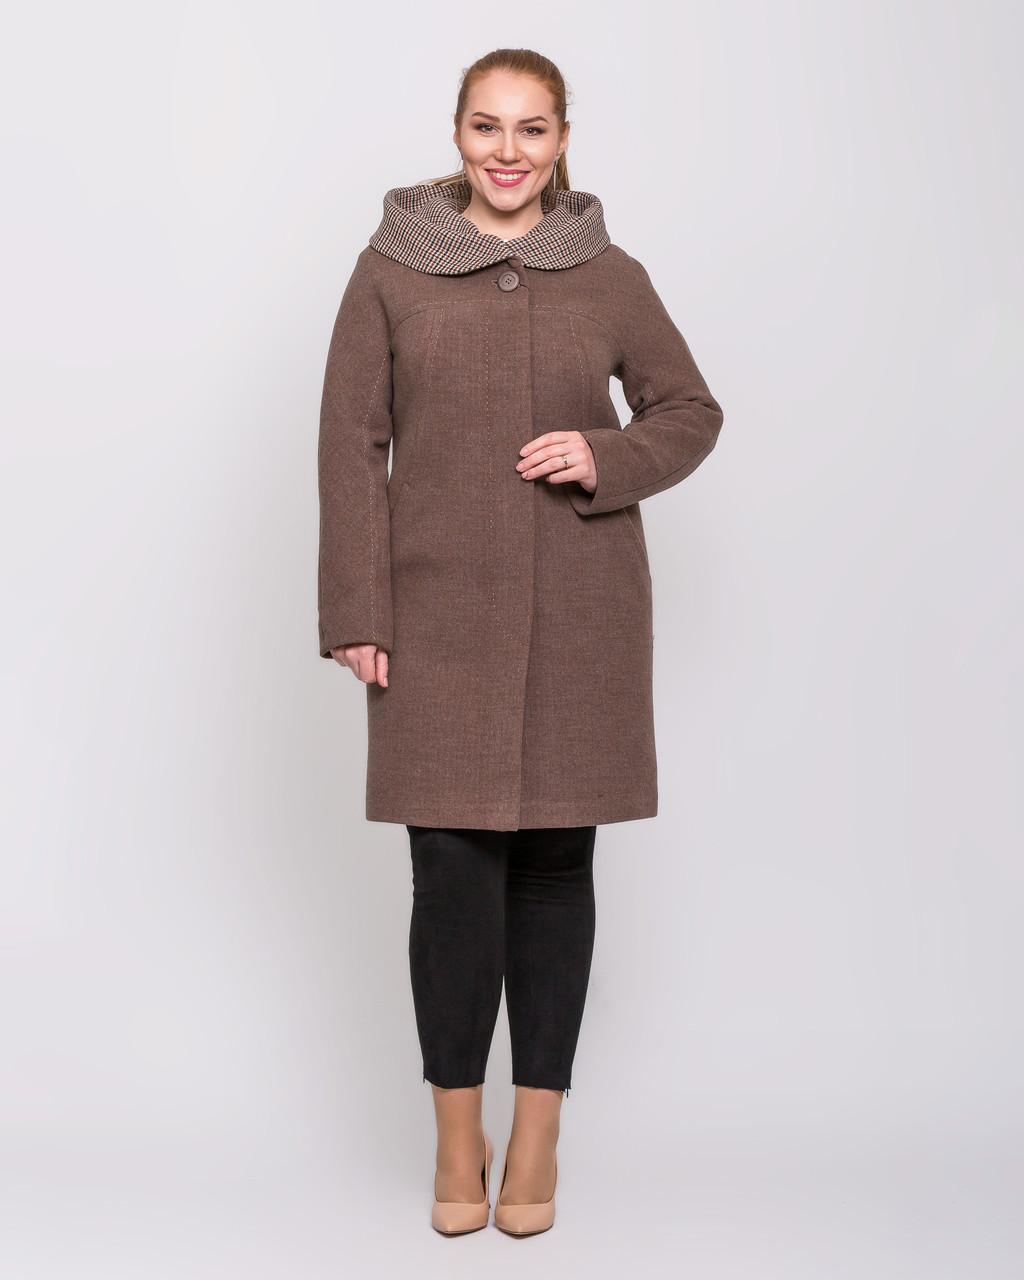 Пальто с капюшоном с 50 по 58 р. Весна 2020